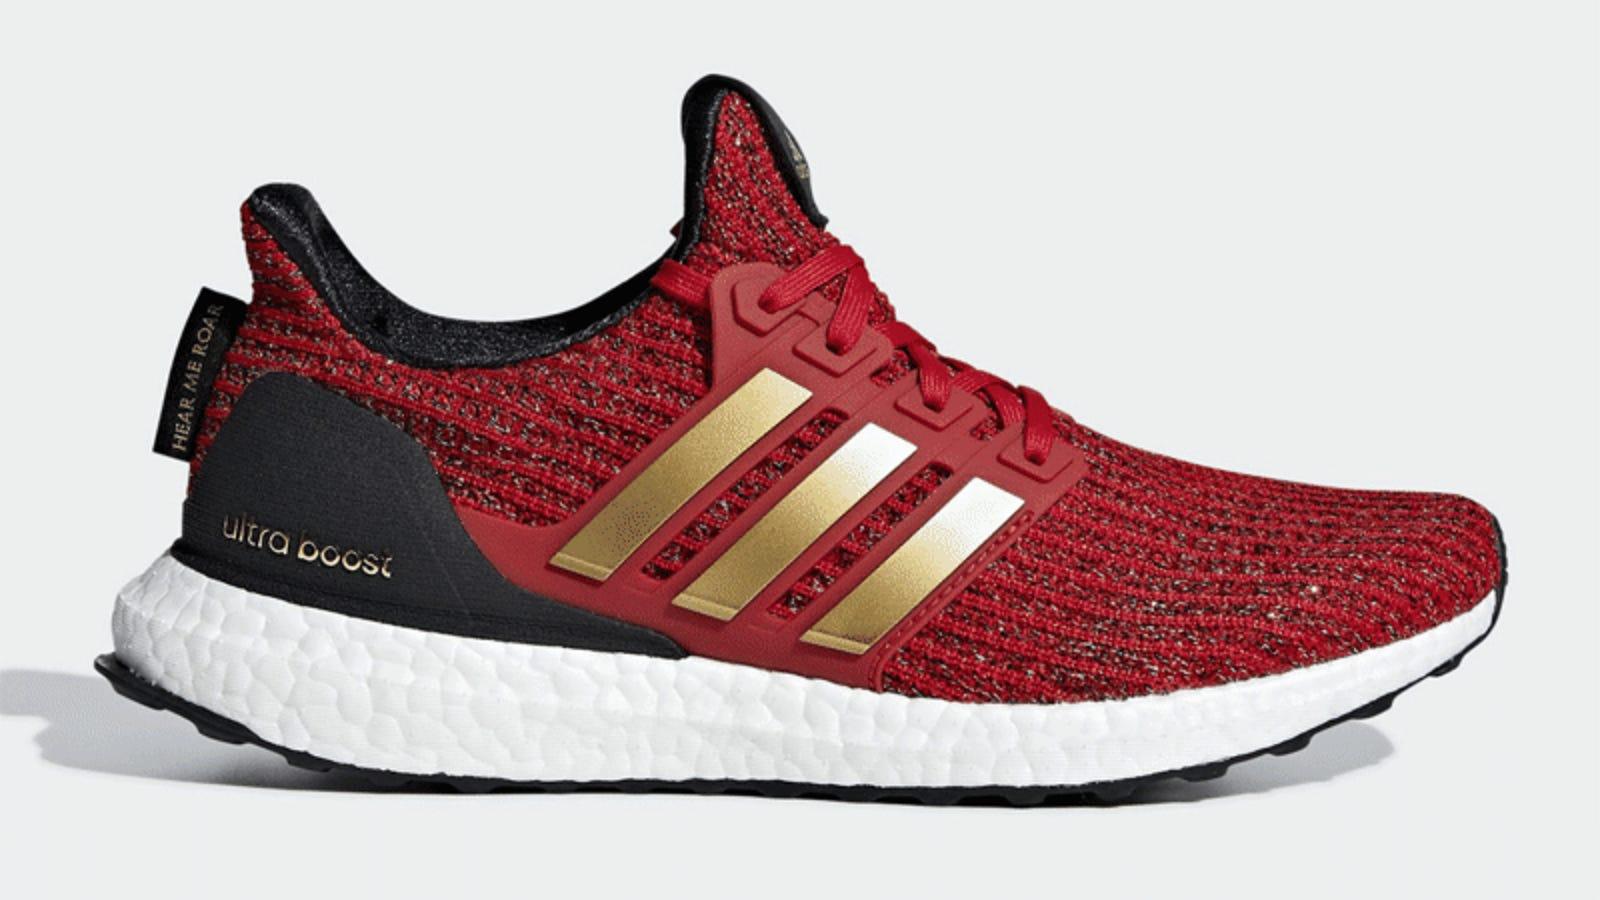 Estas son todas las nuevas zapatillas de Adidas basadas en